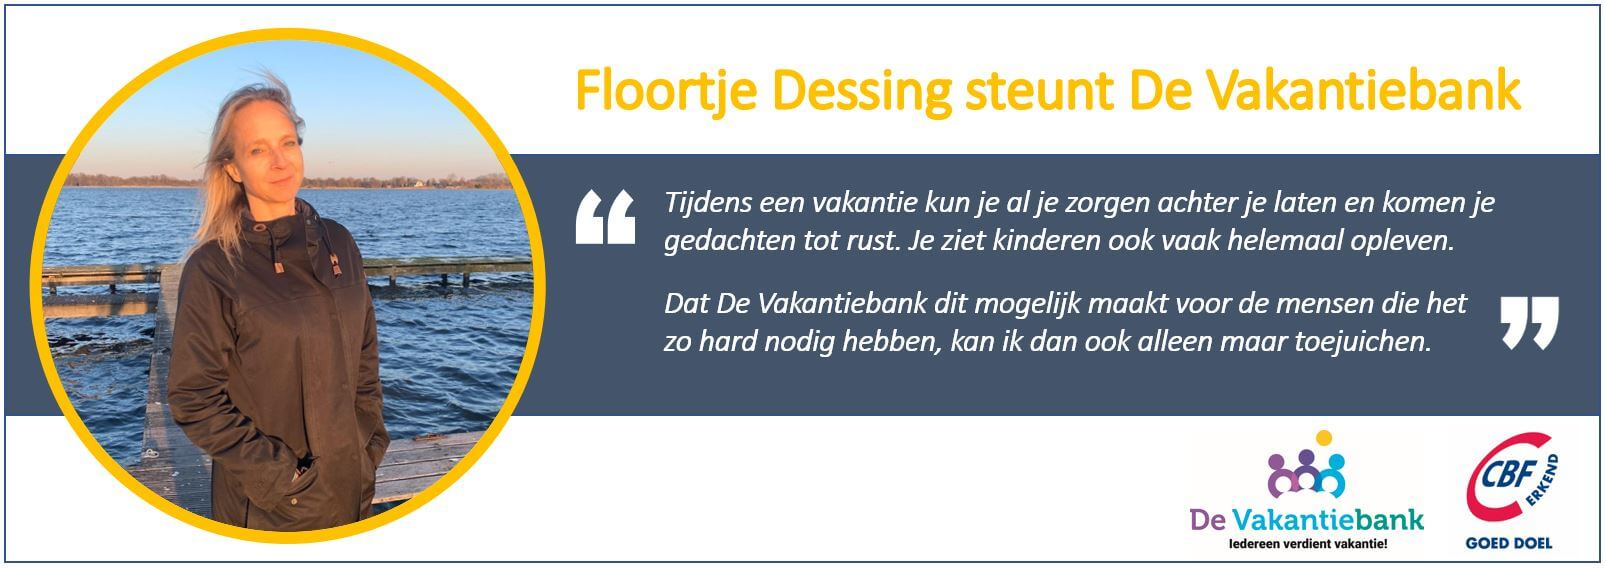 Floortje Dessing vakantiebank